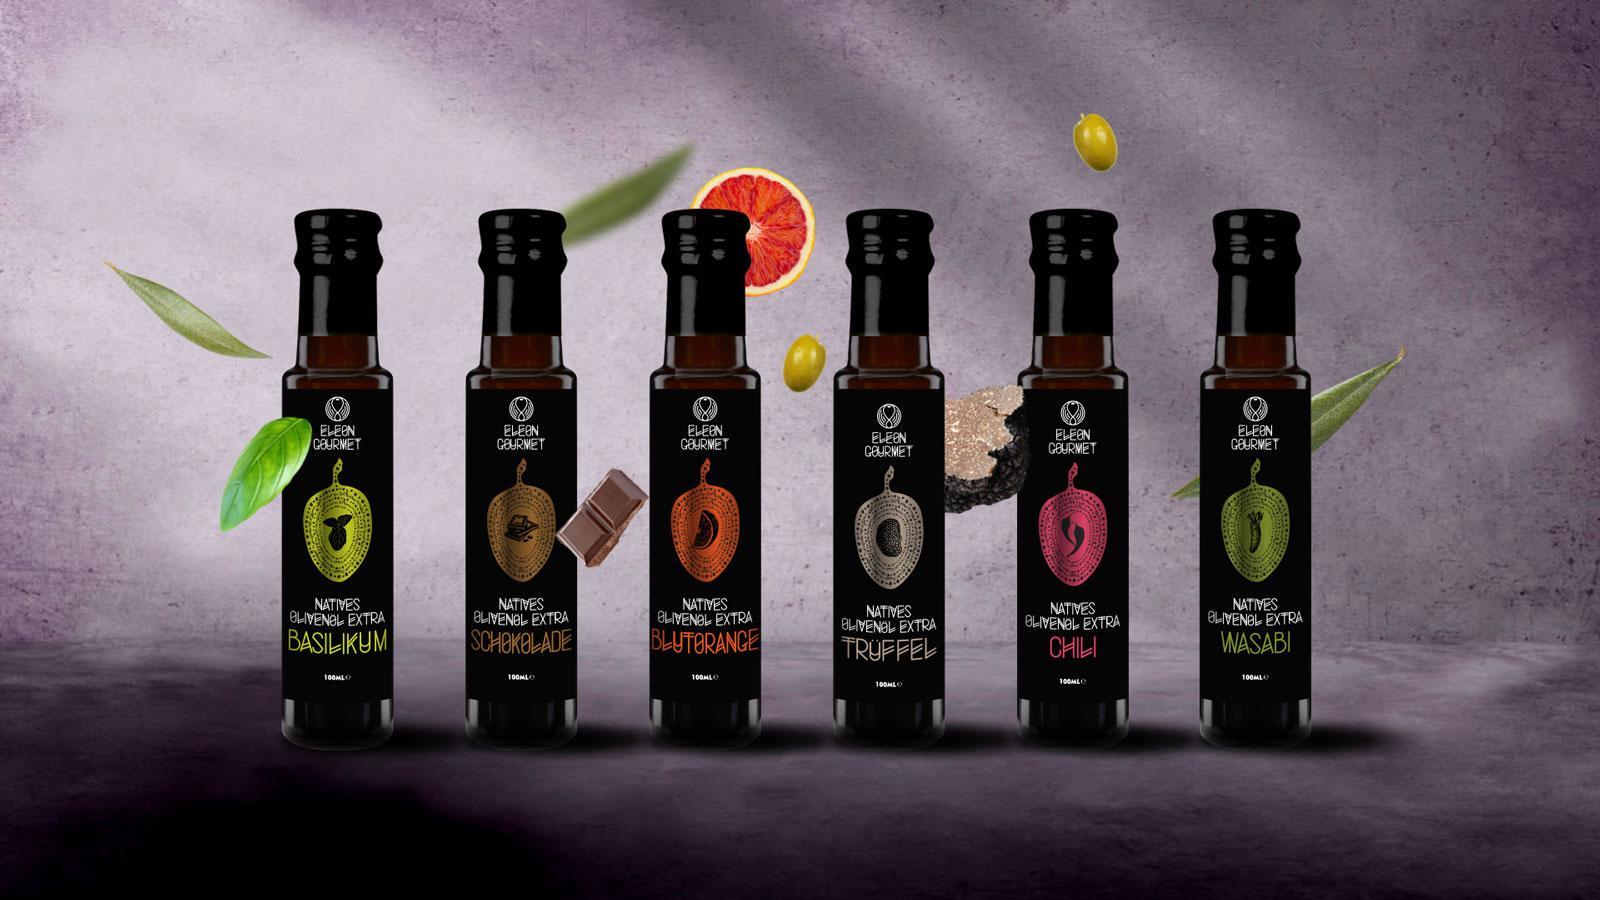 Eleon Gourmet Seasoned Olive Oils